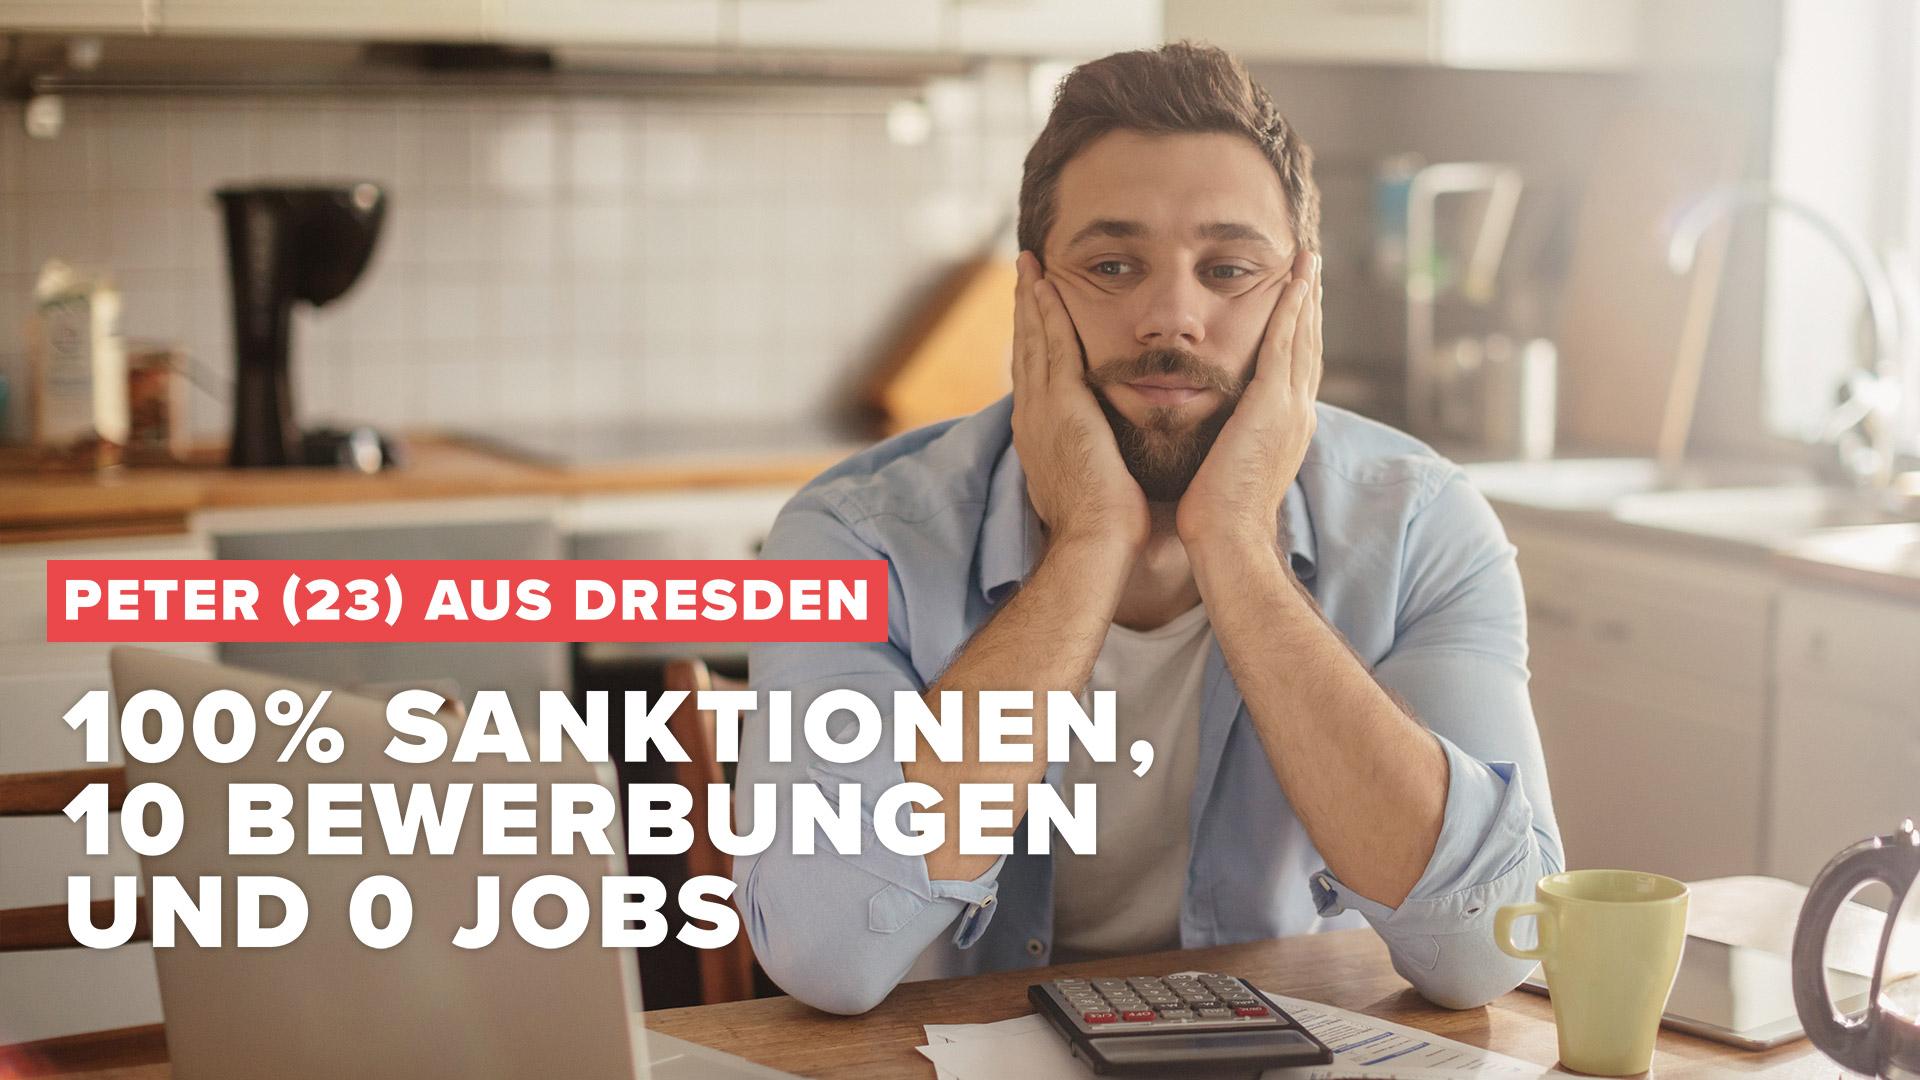 HIOB – Geschichten Die Dein Jobcenter Schreibt